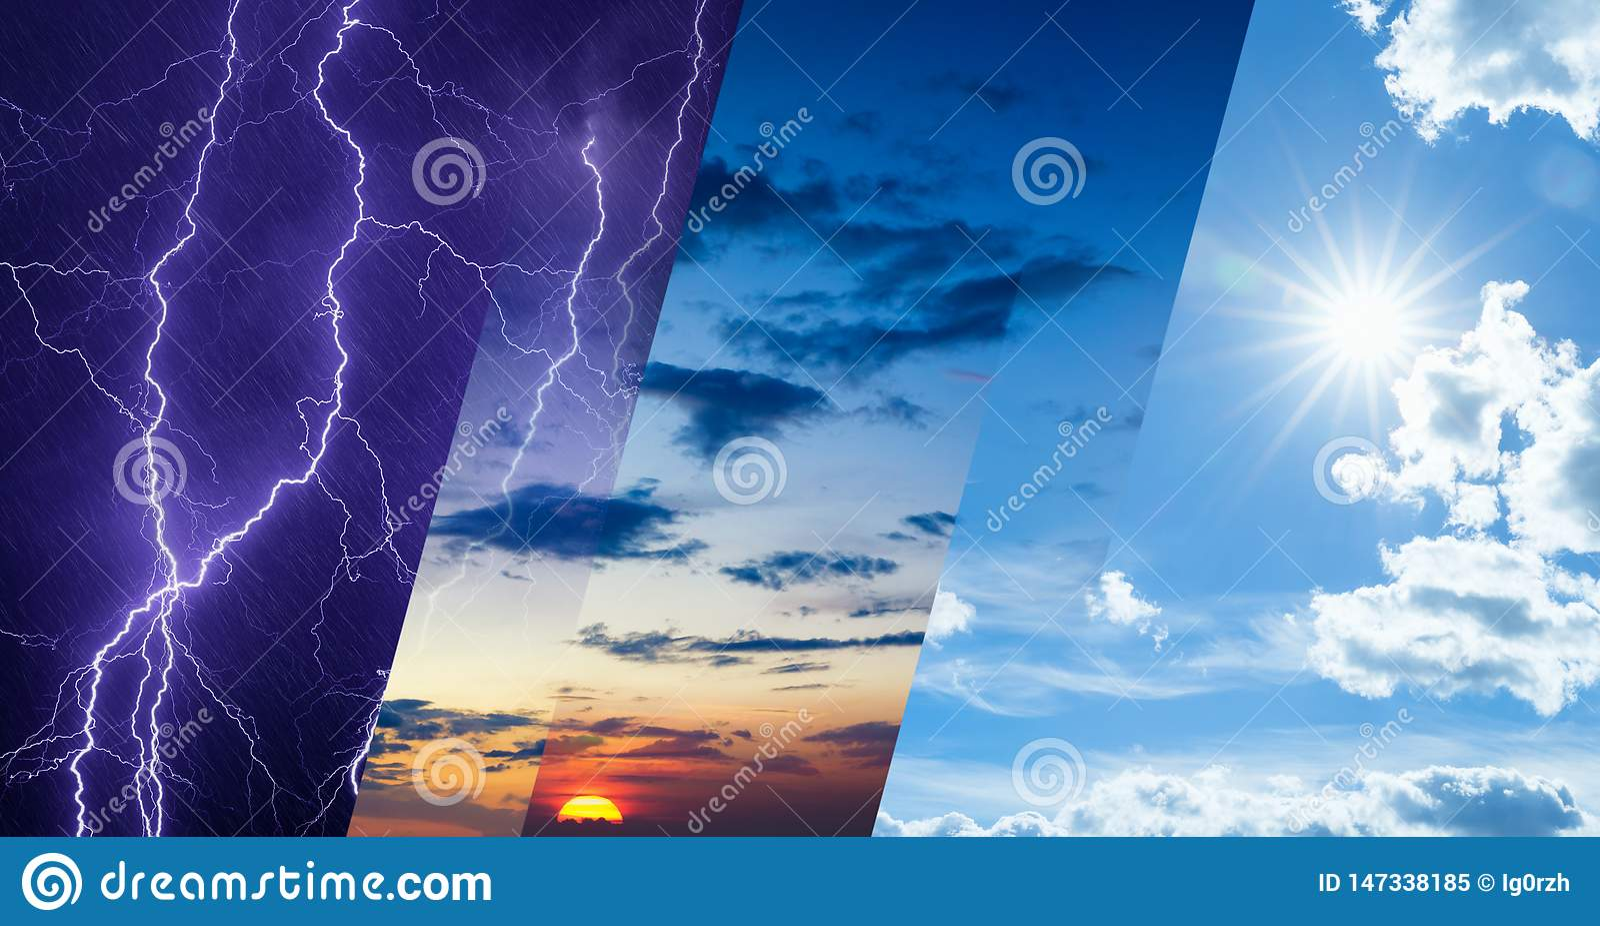 Концепция прогноза погоды, коллаж состояния погоды разнообразия